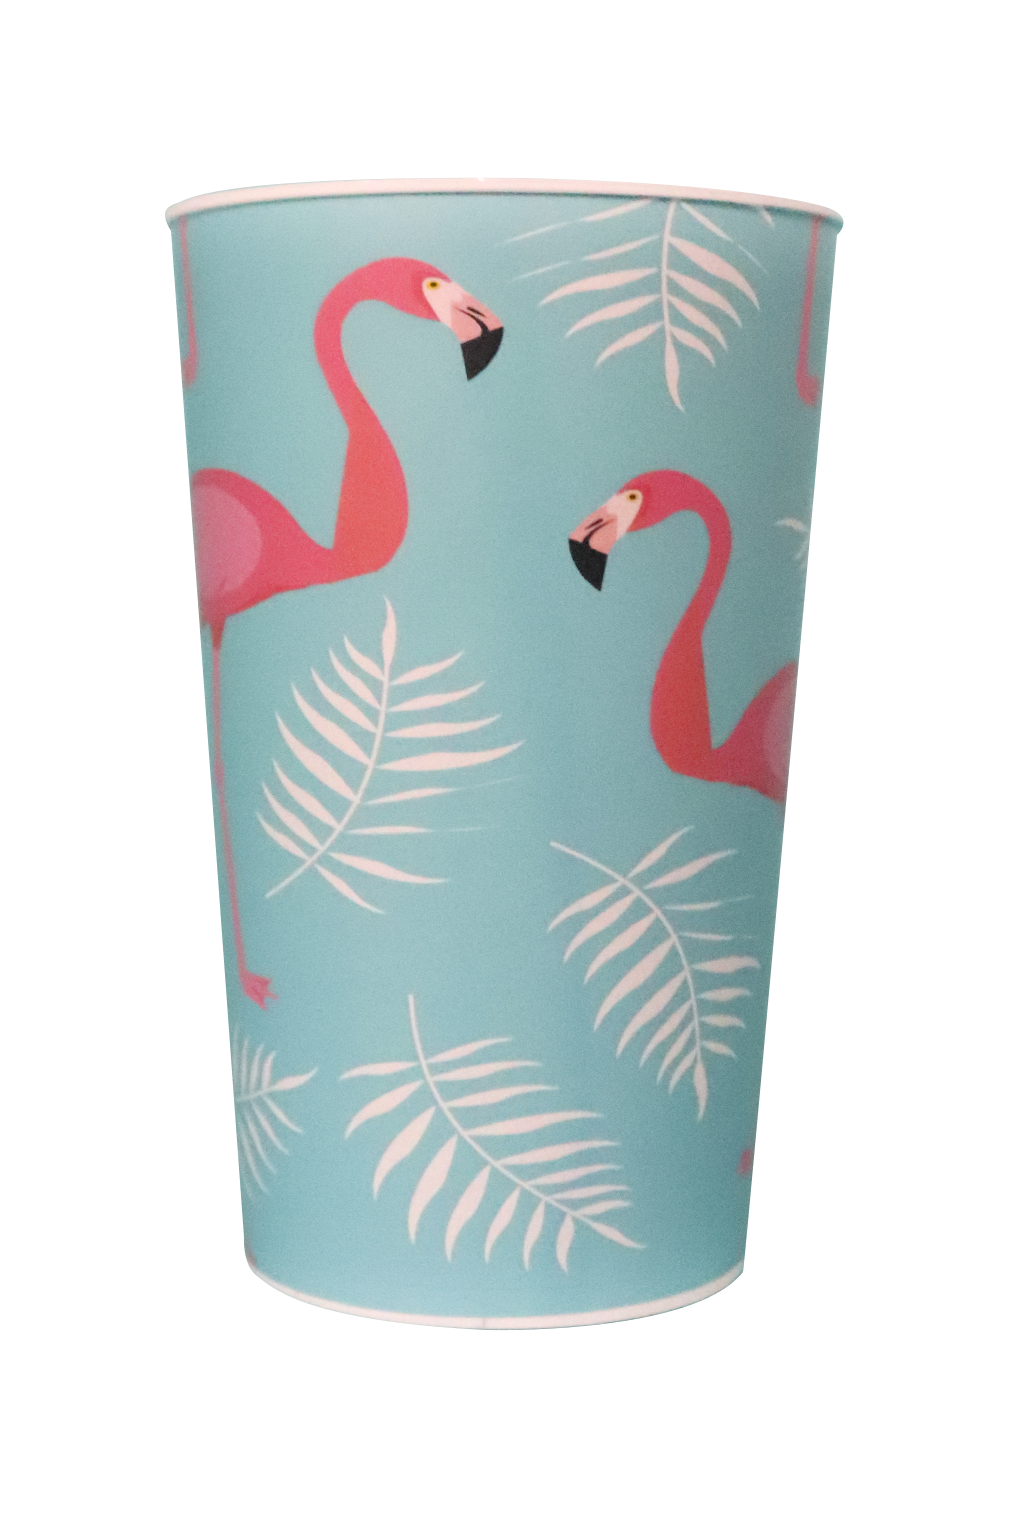 Copo Label 550ml Branco - Flamingo  - Copo frente